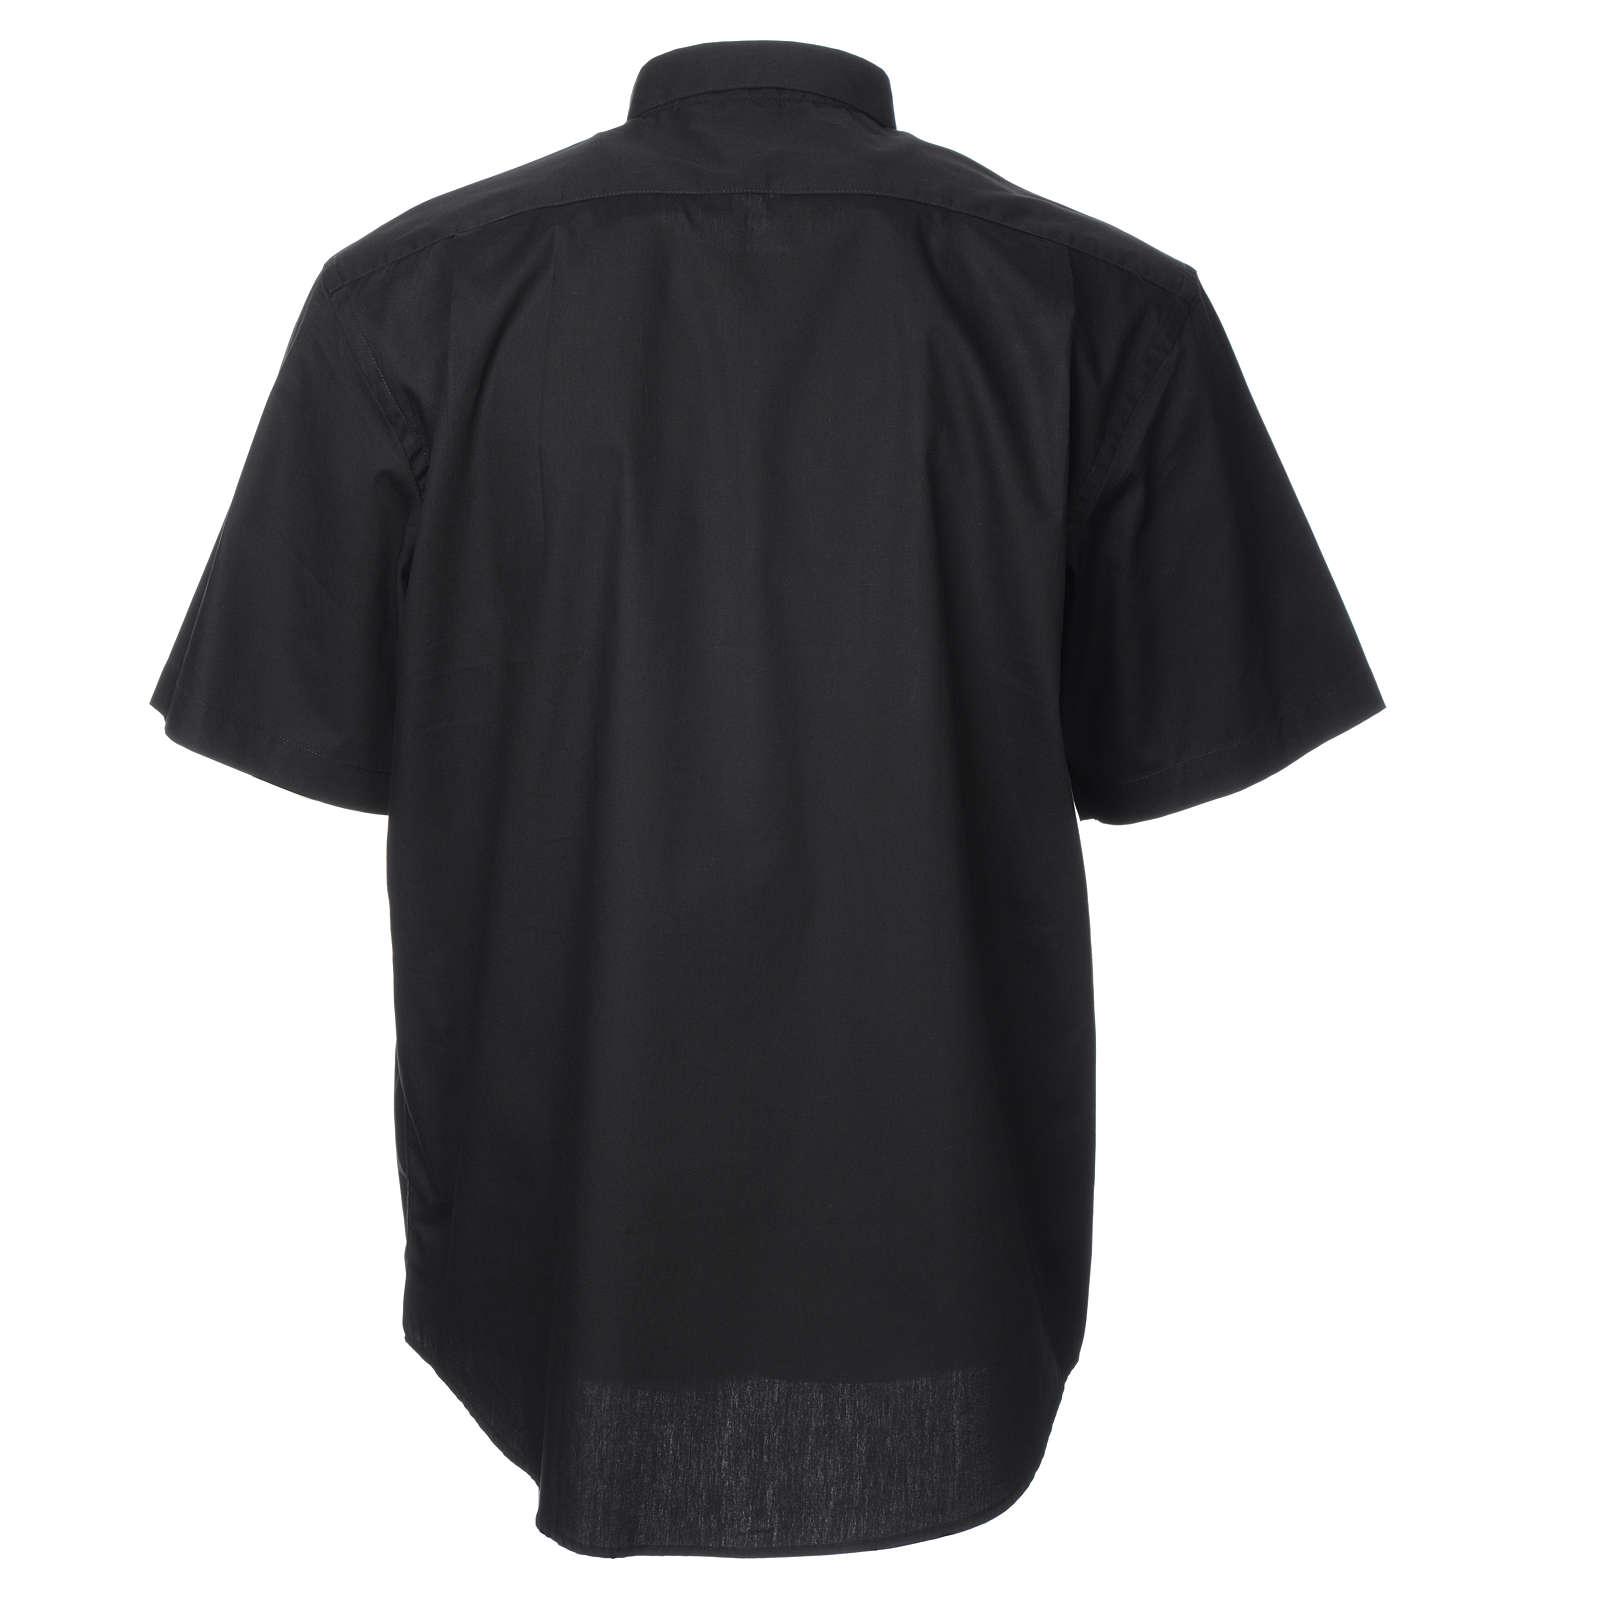 STOCK Camicia clergy manica corta popeline nera 4